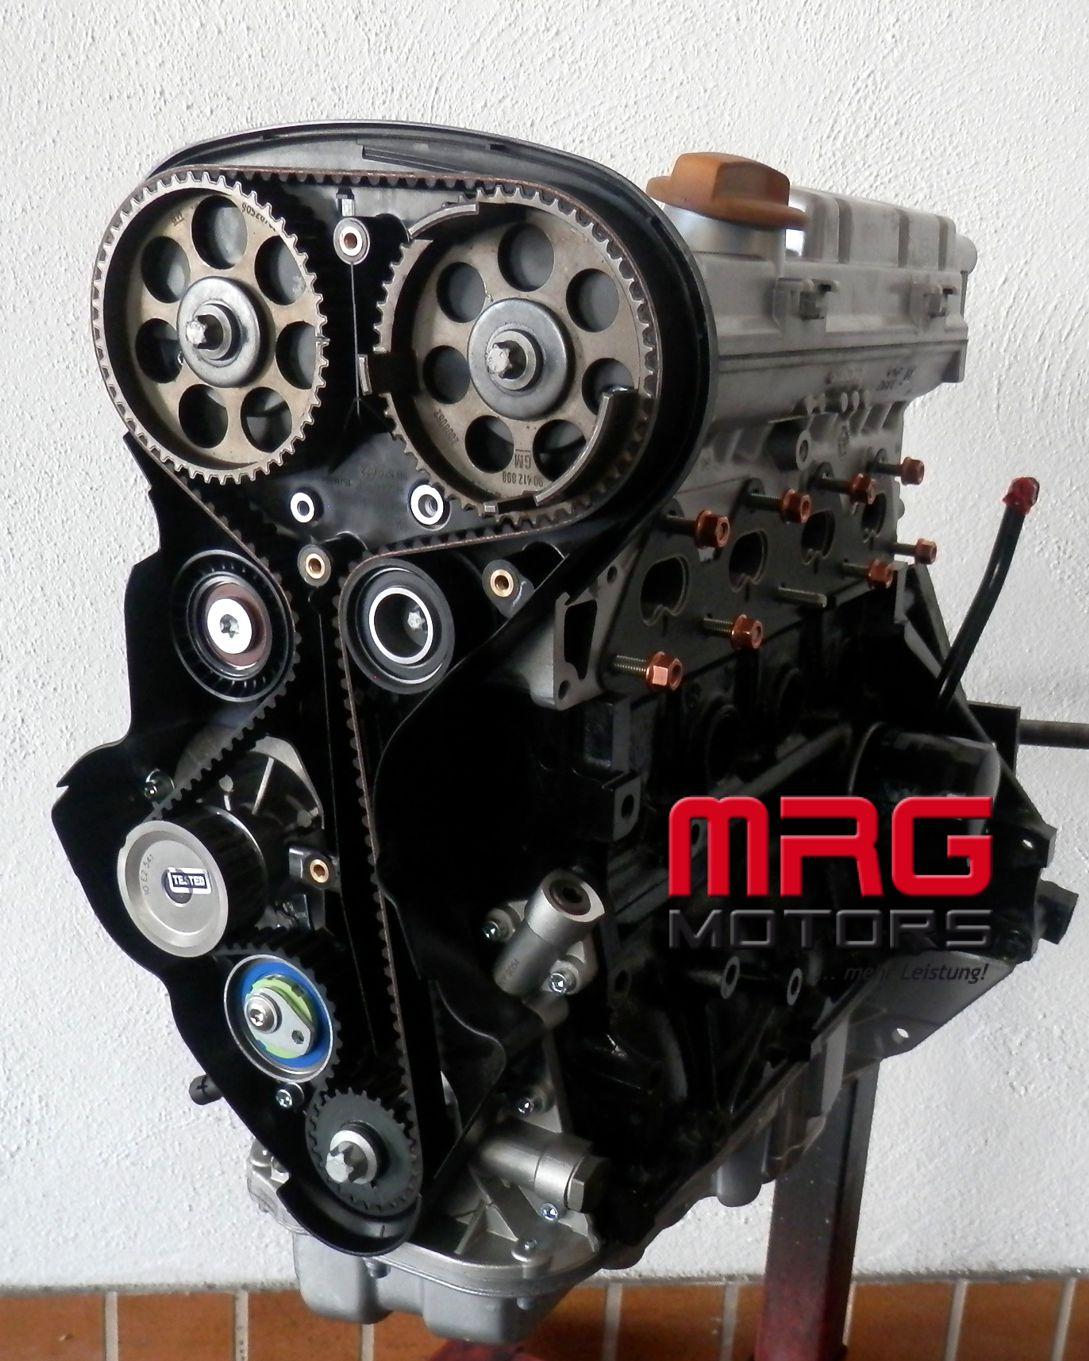 Austauschmotor 1 6 16v X16xe X16xel Mrg Motors Austauschmotor